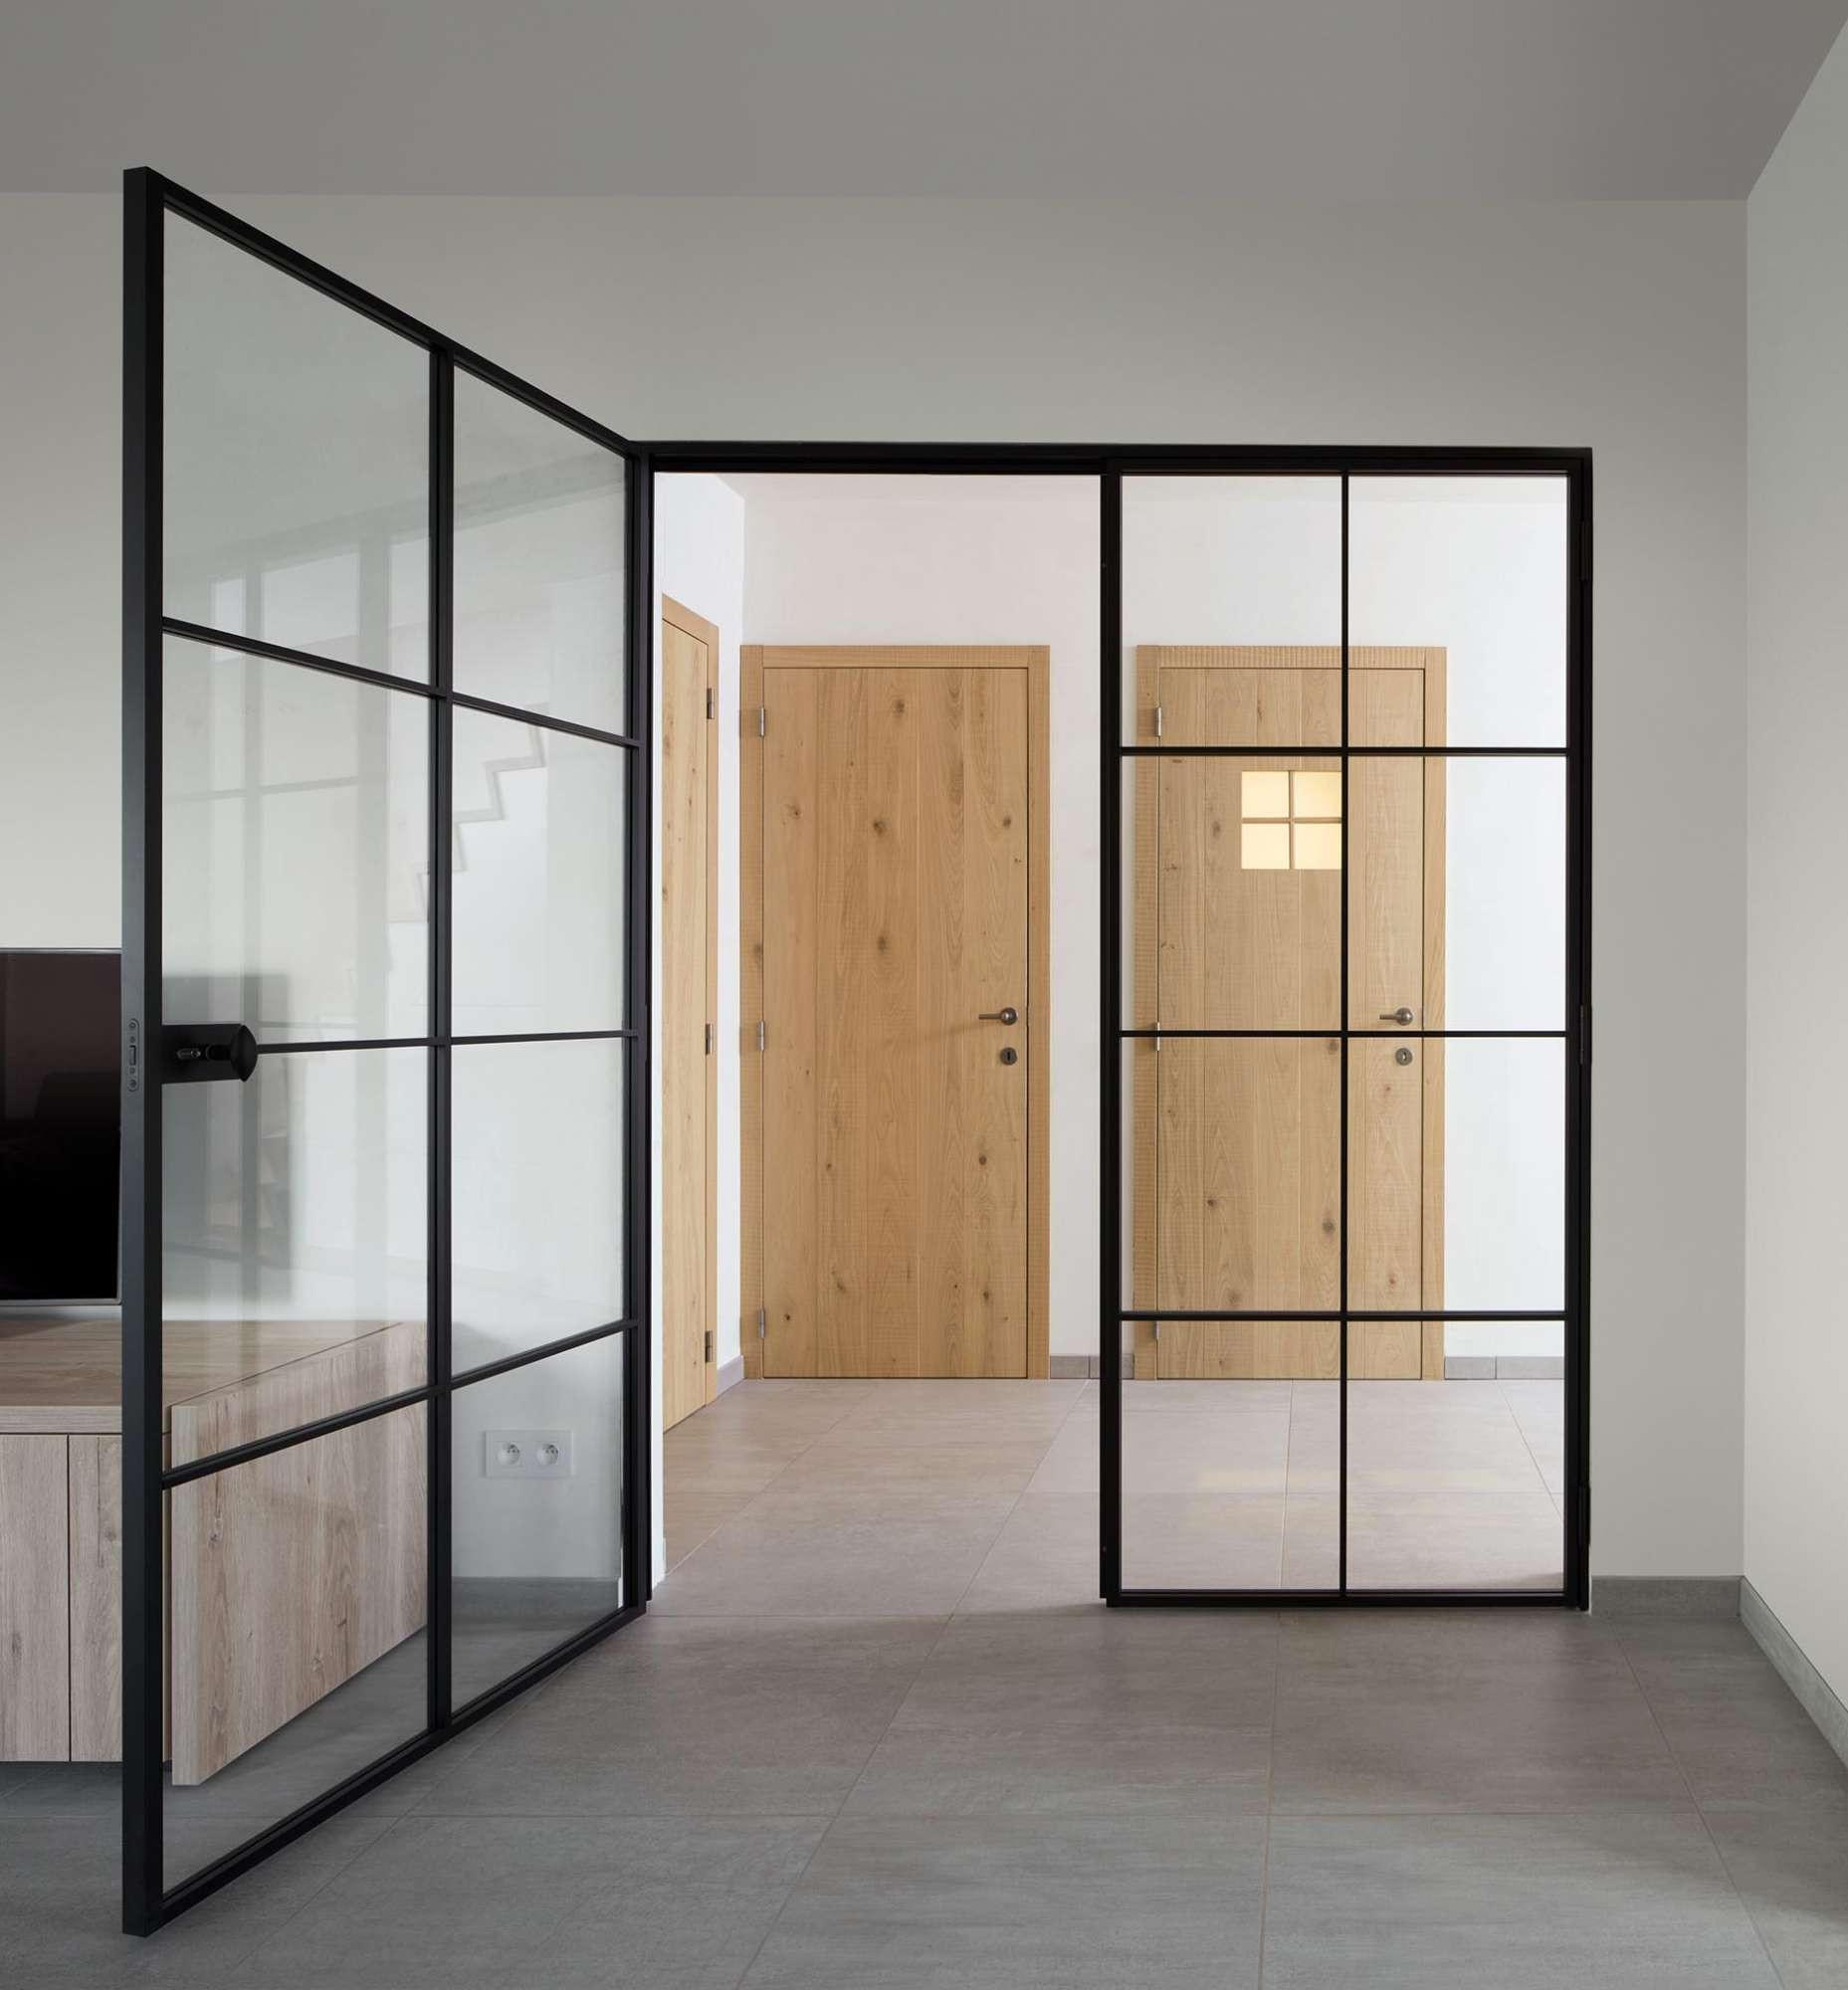 steellook-dubbele-deur-houten-binnendeuren